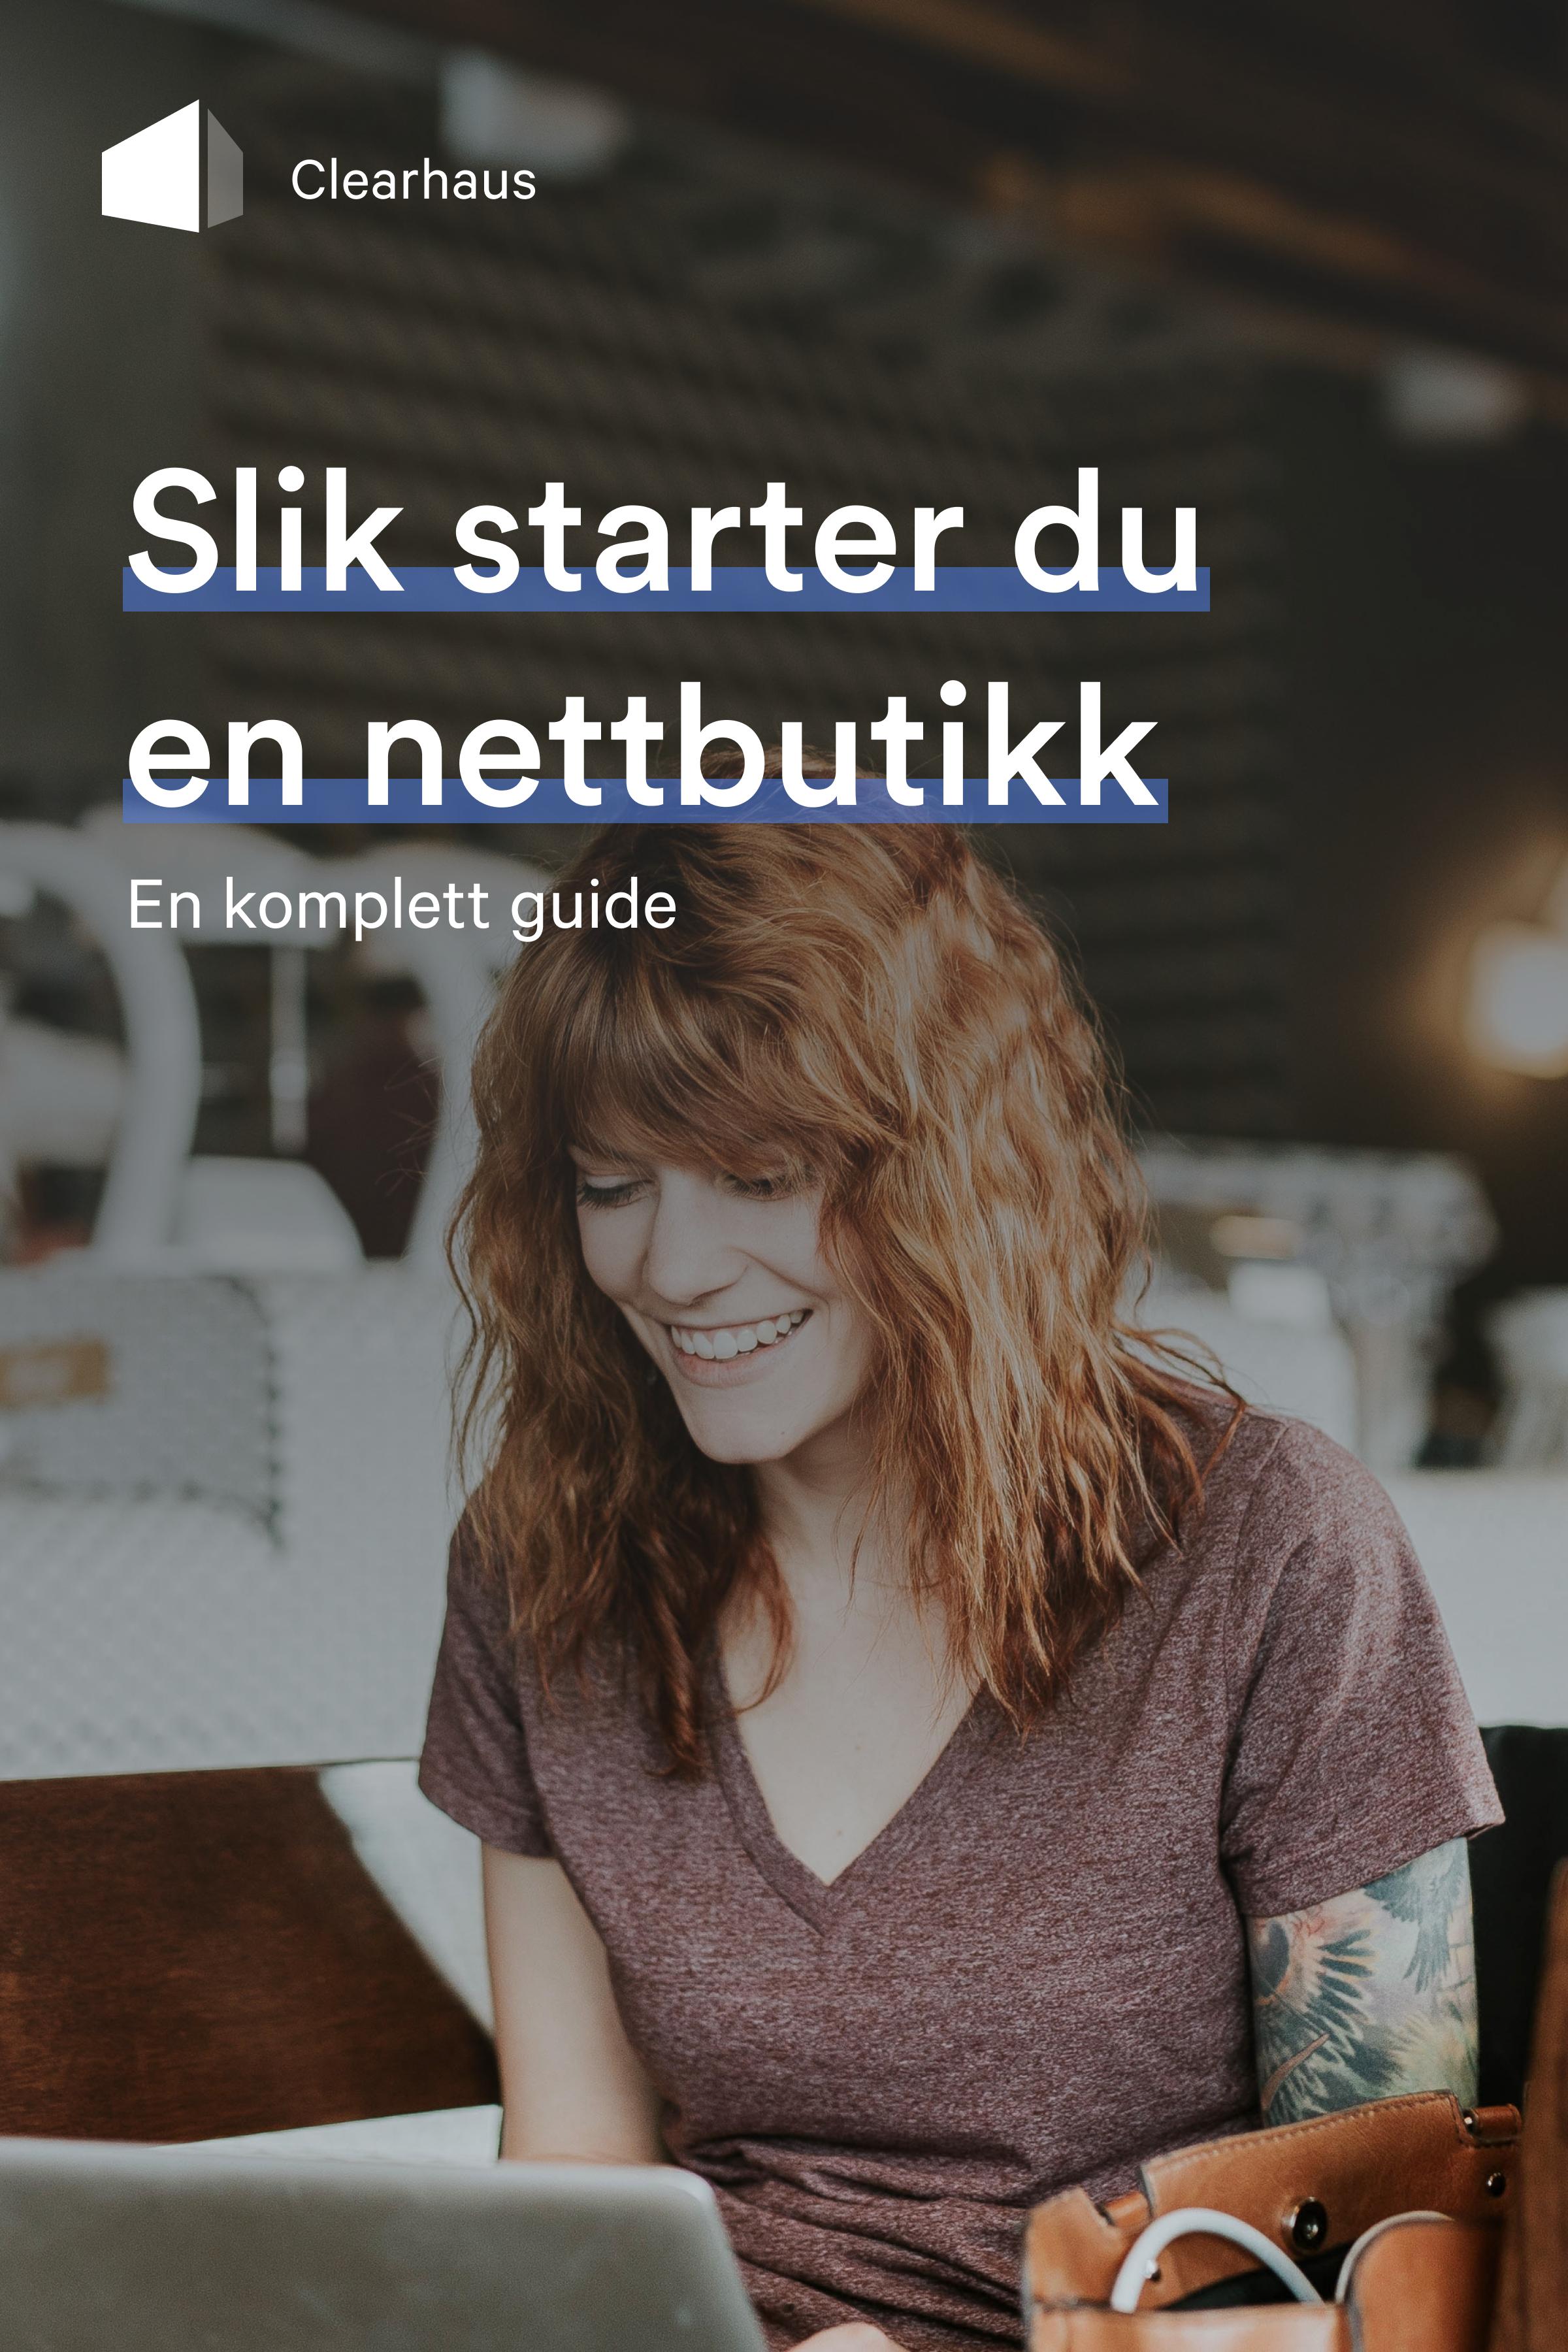 Slik_starter_du_en_nettbutikk-front_page